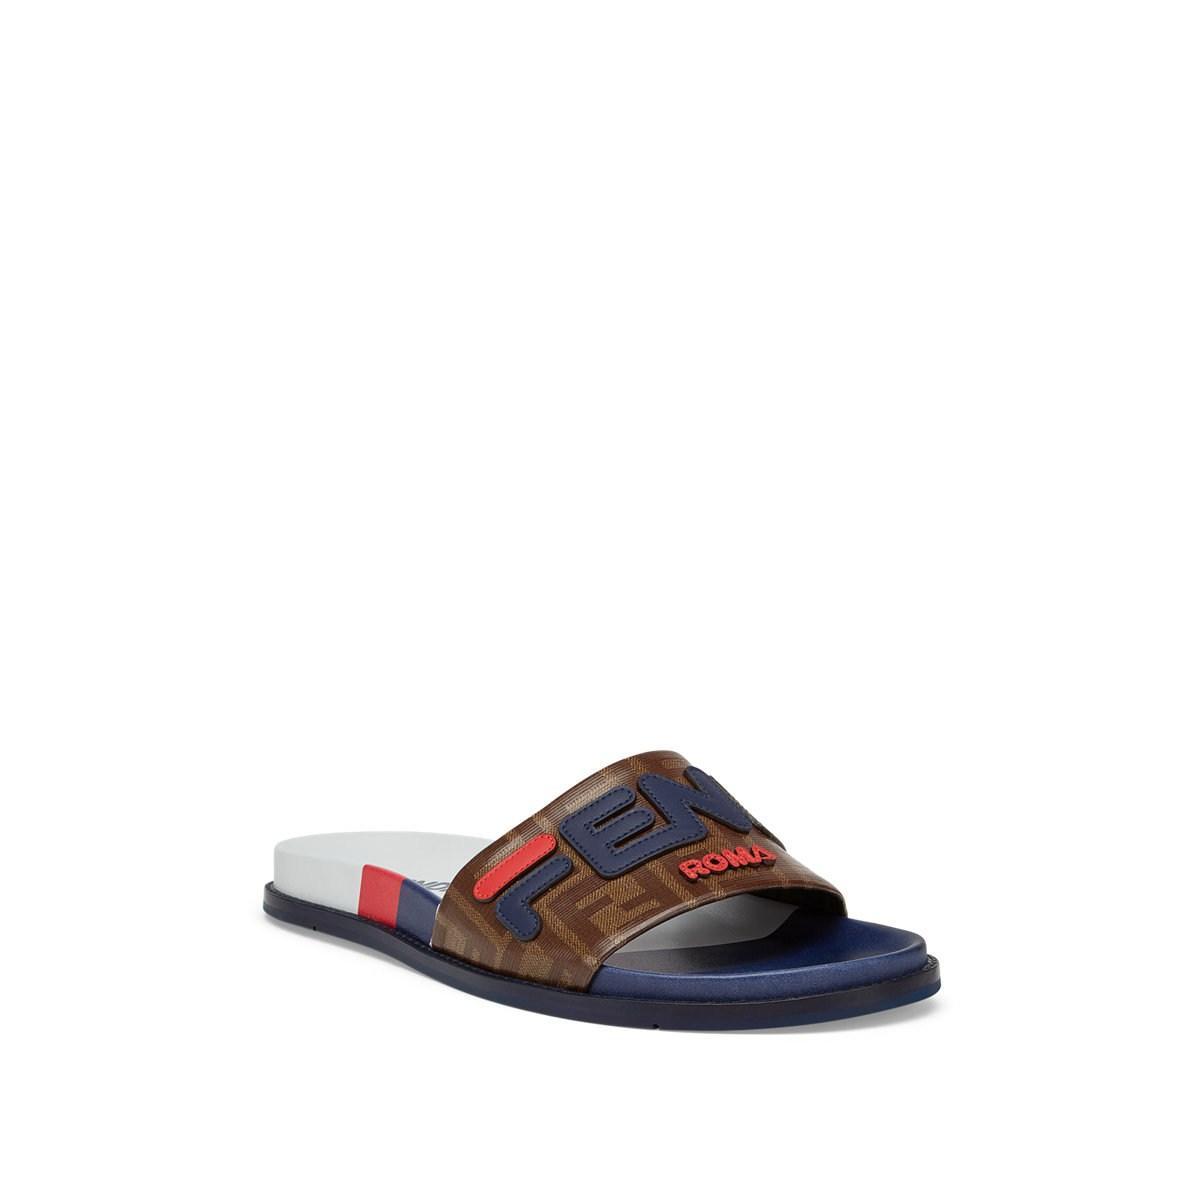 15b409583 Fendi - Blue Mania Rubber Slide Sandals for Men - Lyst. View fullscreen